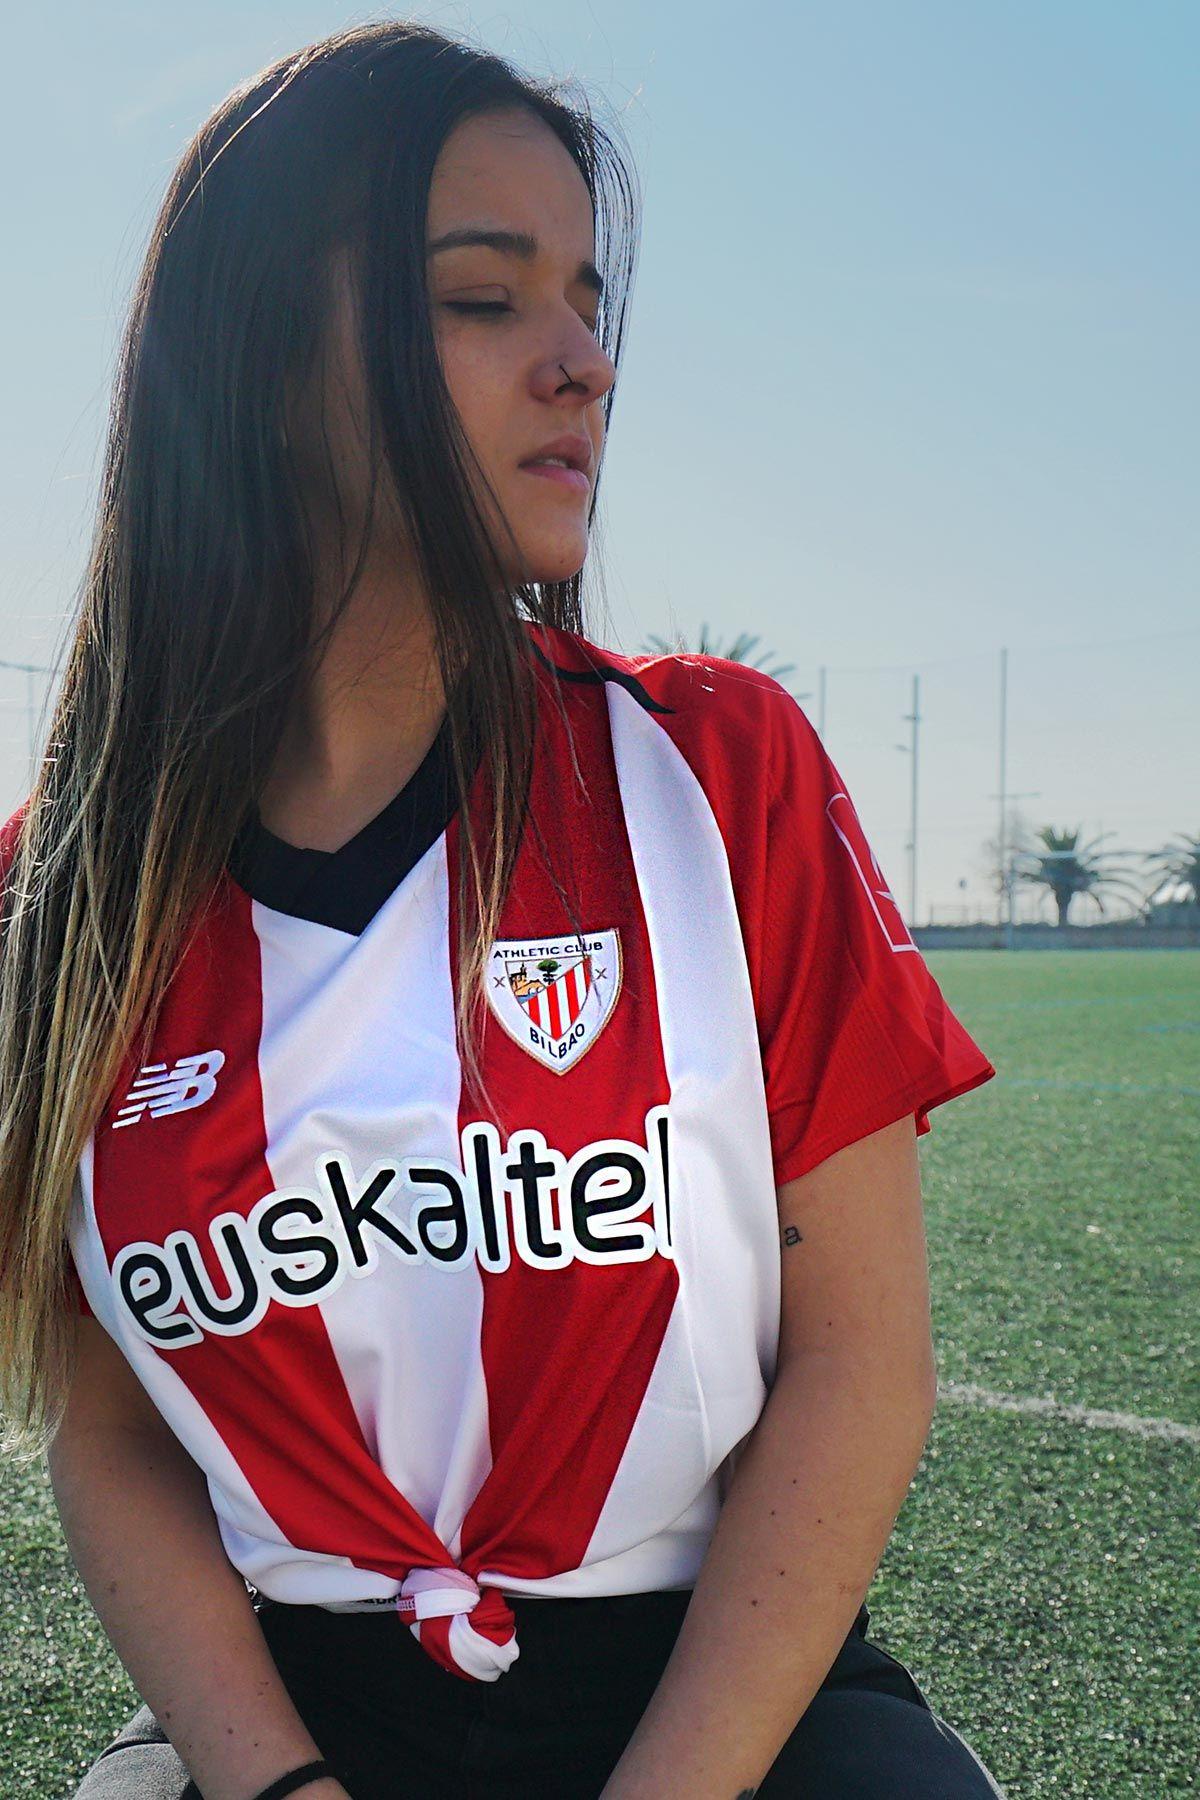 d30f9190985b5 Camiseta mujer primera equipación Athletic Club 2018 - 2019 - Rojo   Blanco